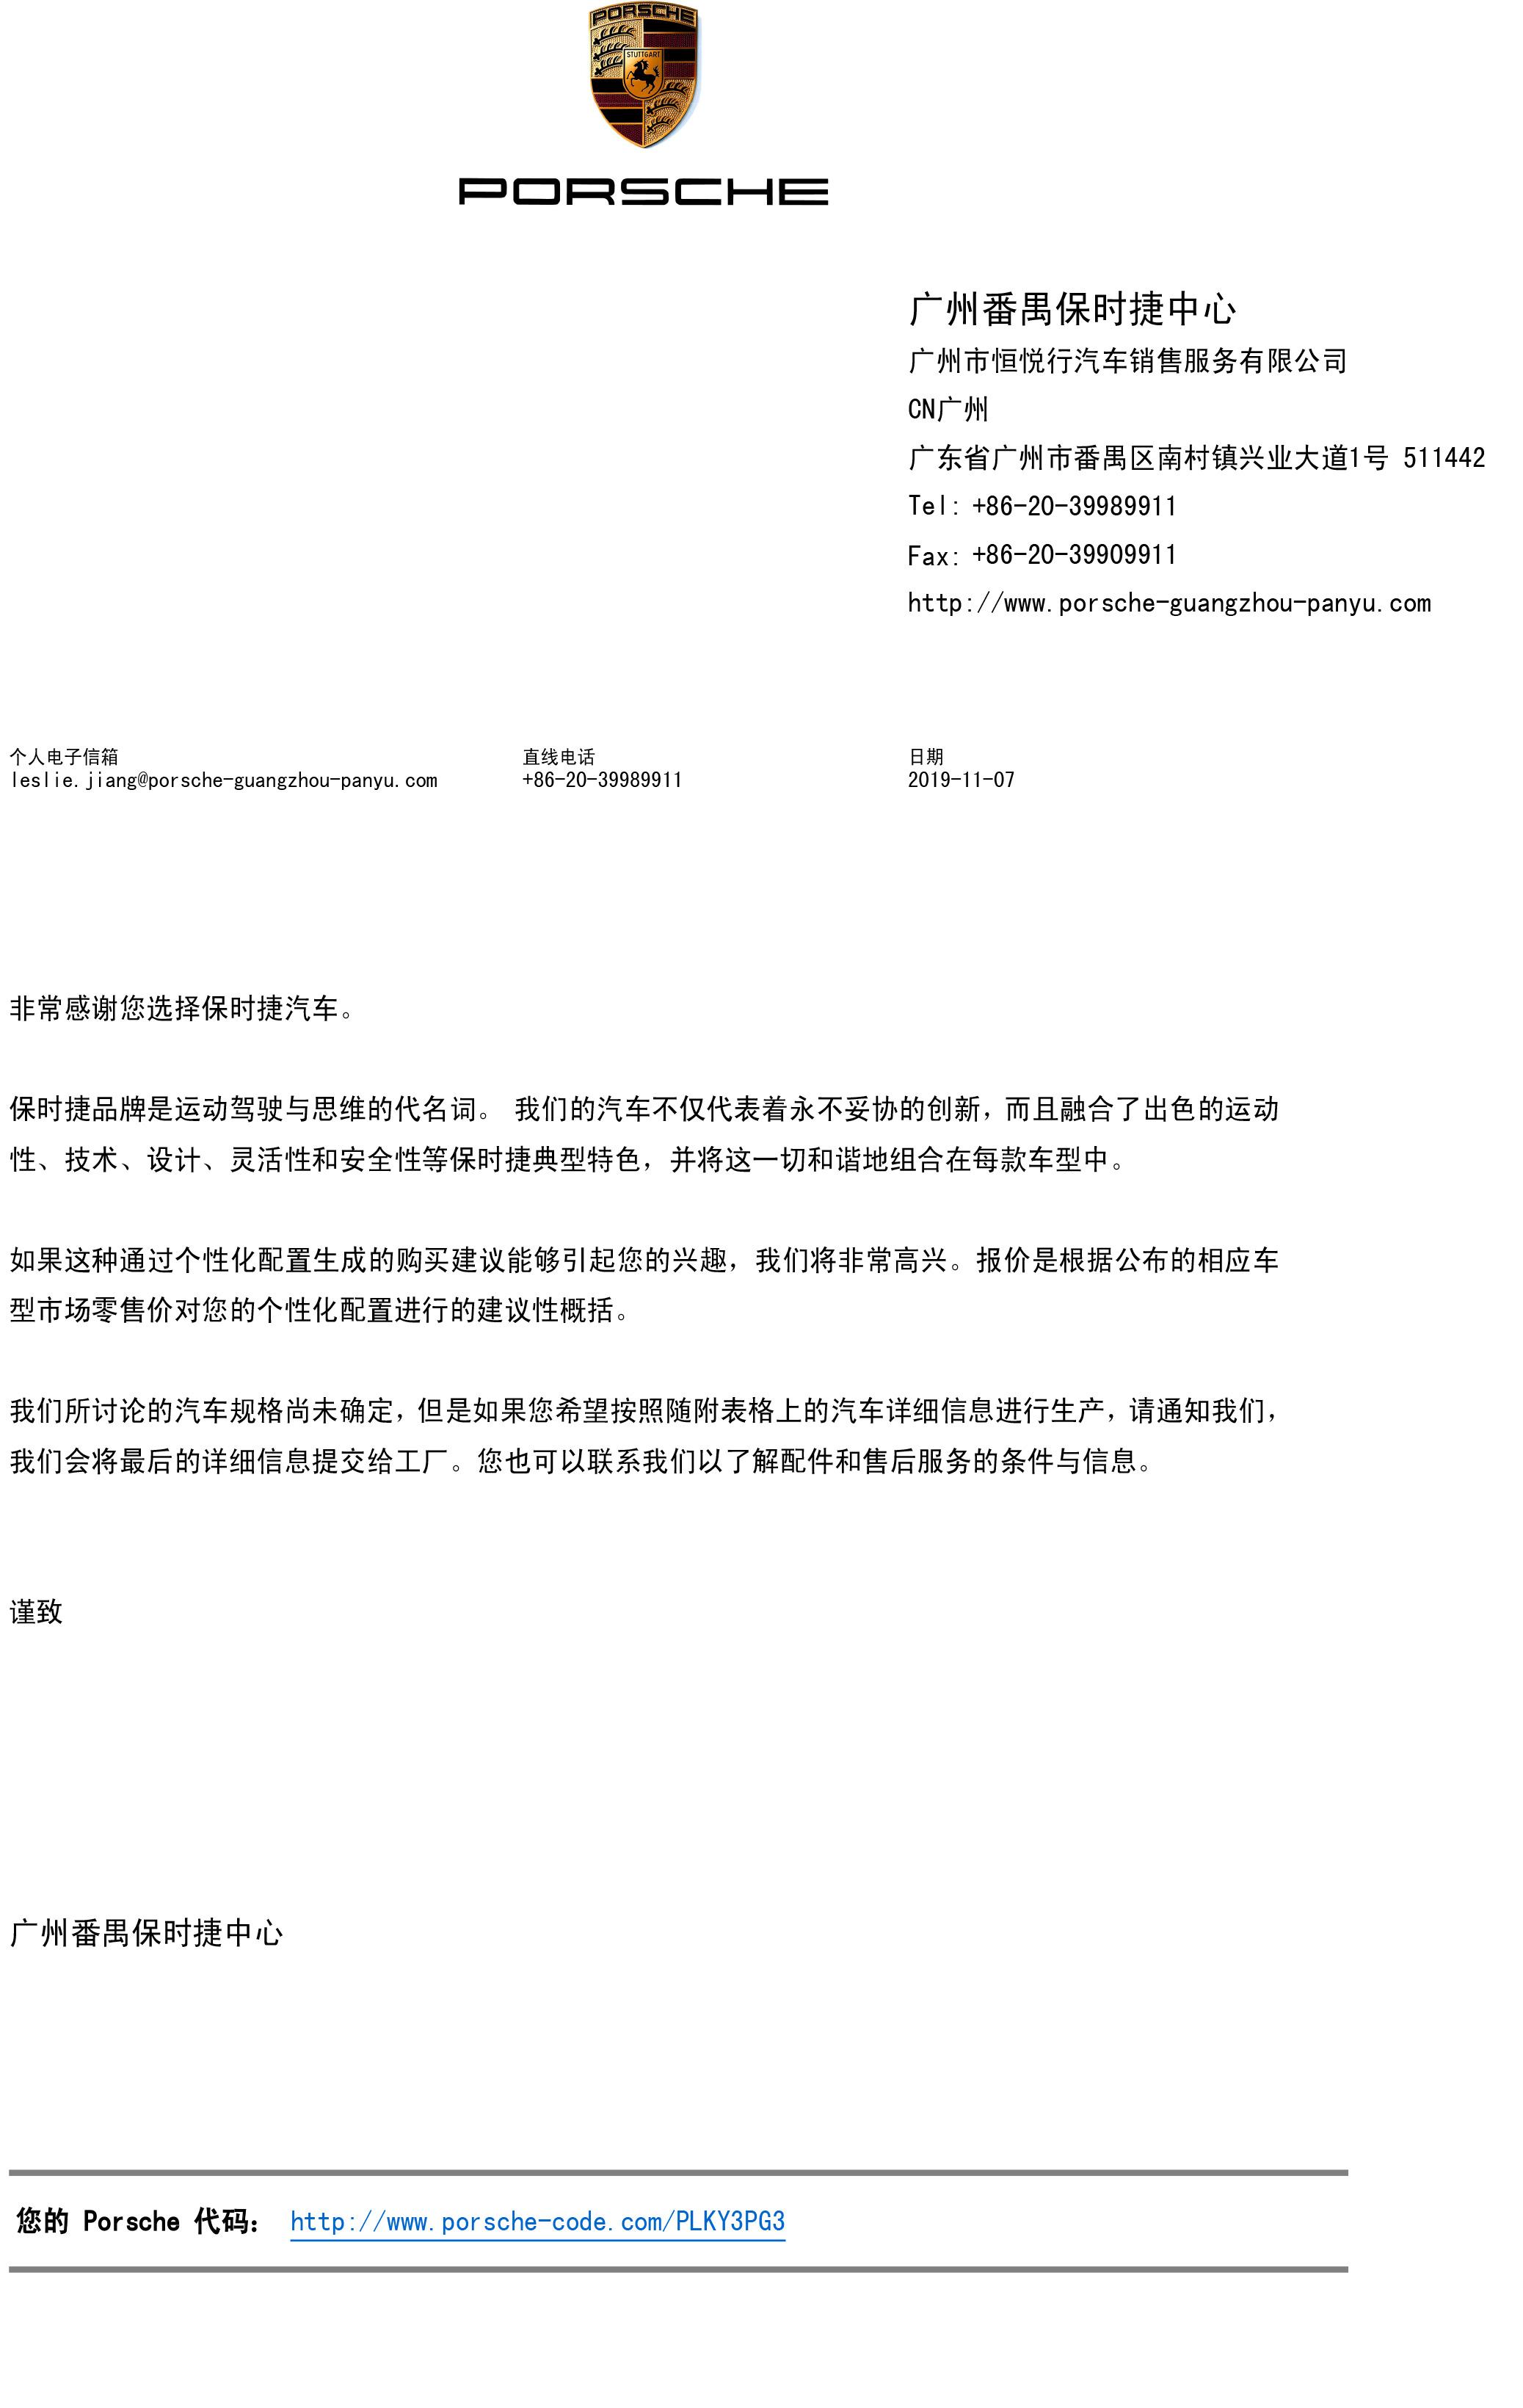 保时捷-Macan-午夜蓝-黑色莫哈韦米-1.jpg